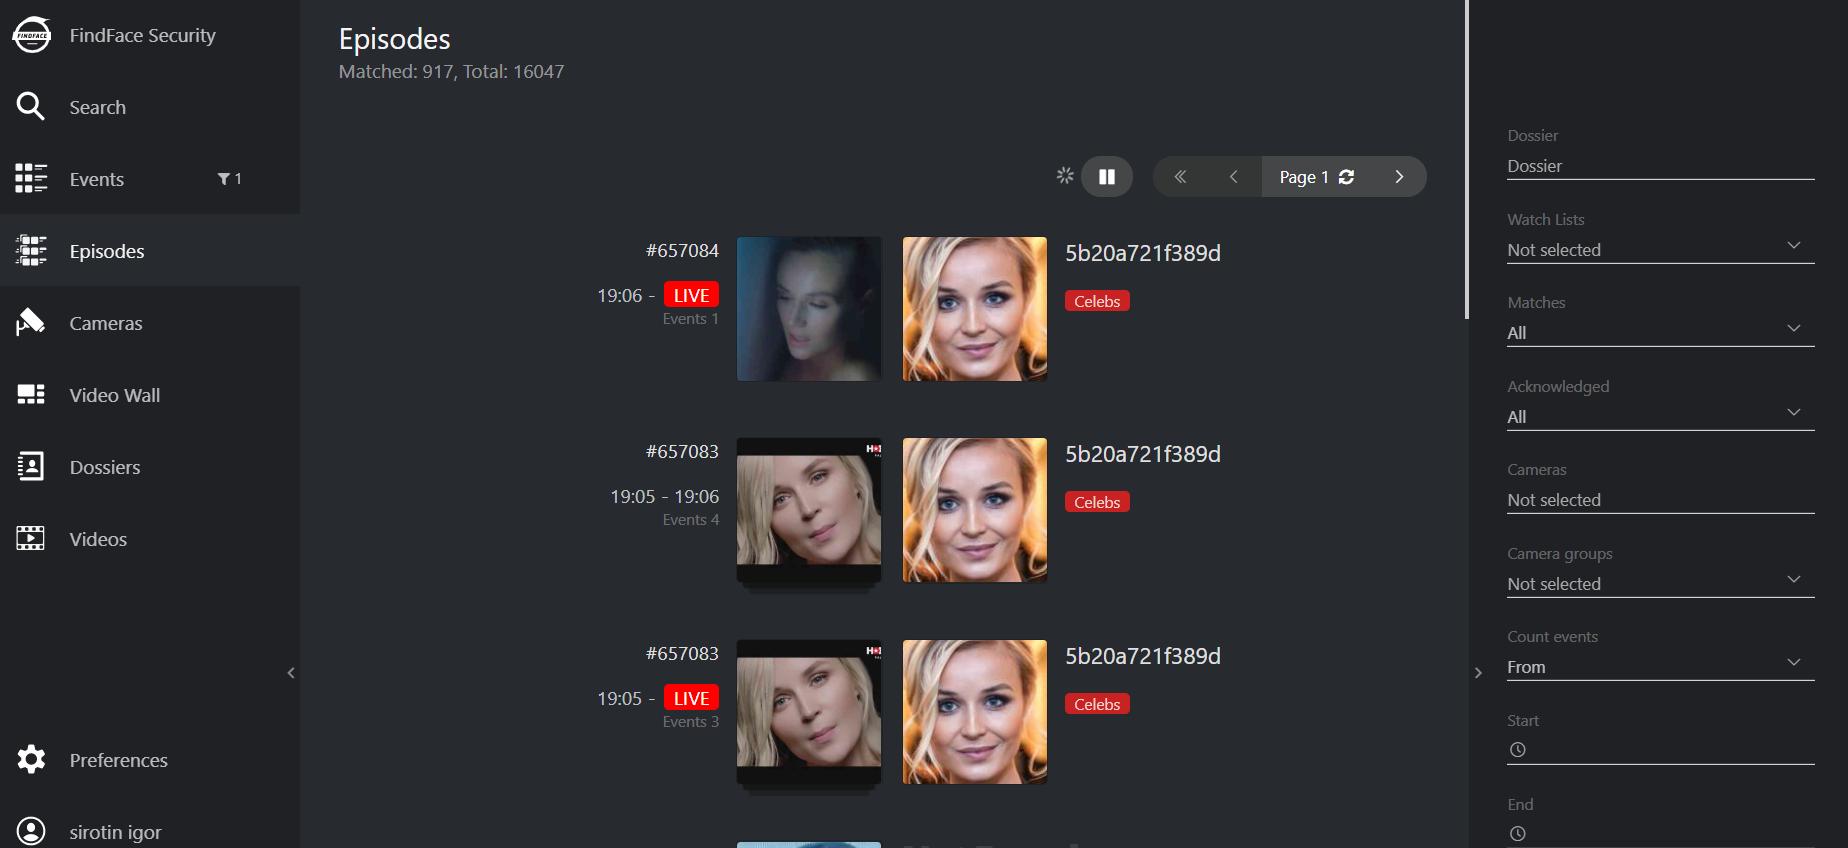 esp face recognition combine episodes